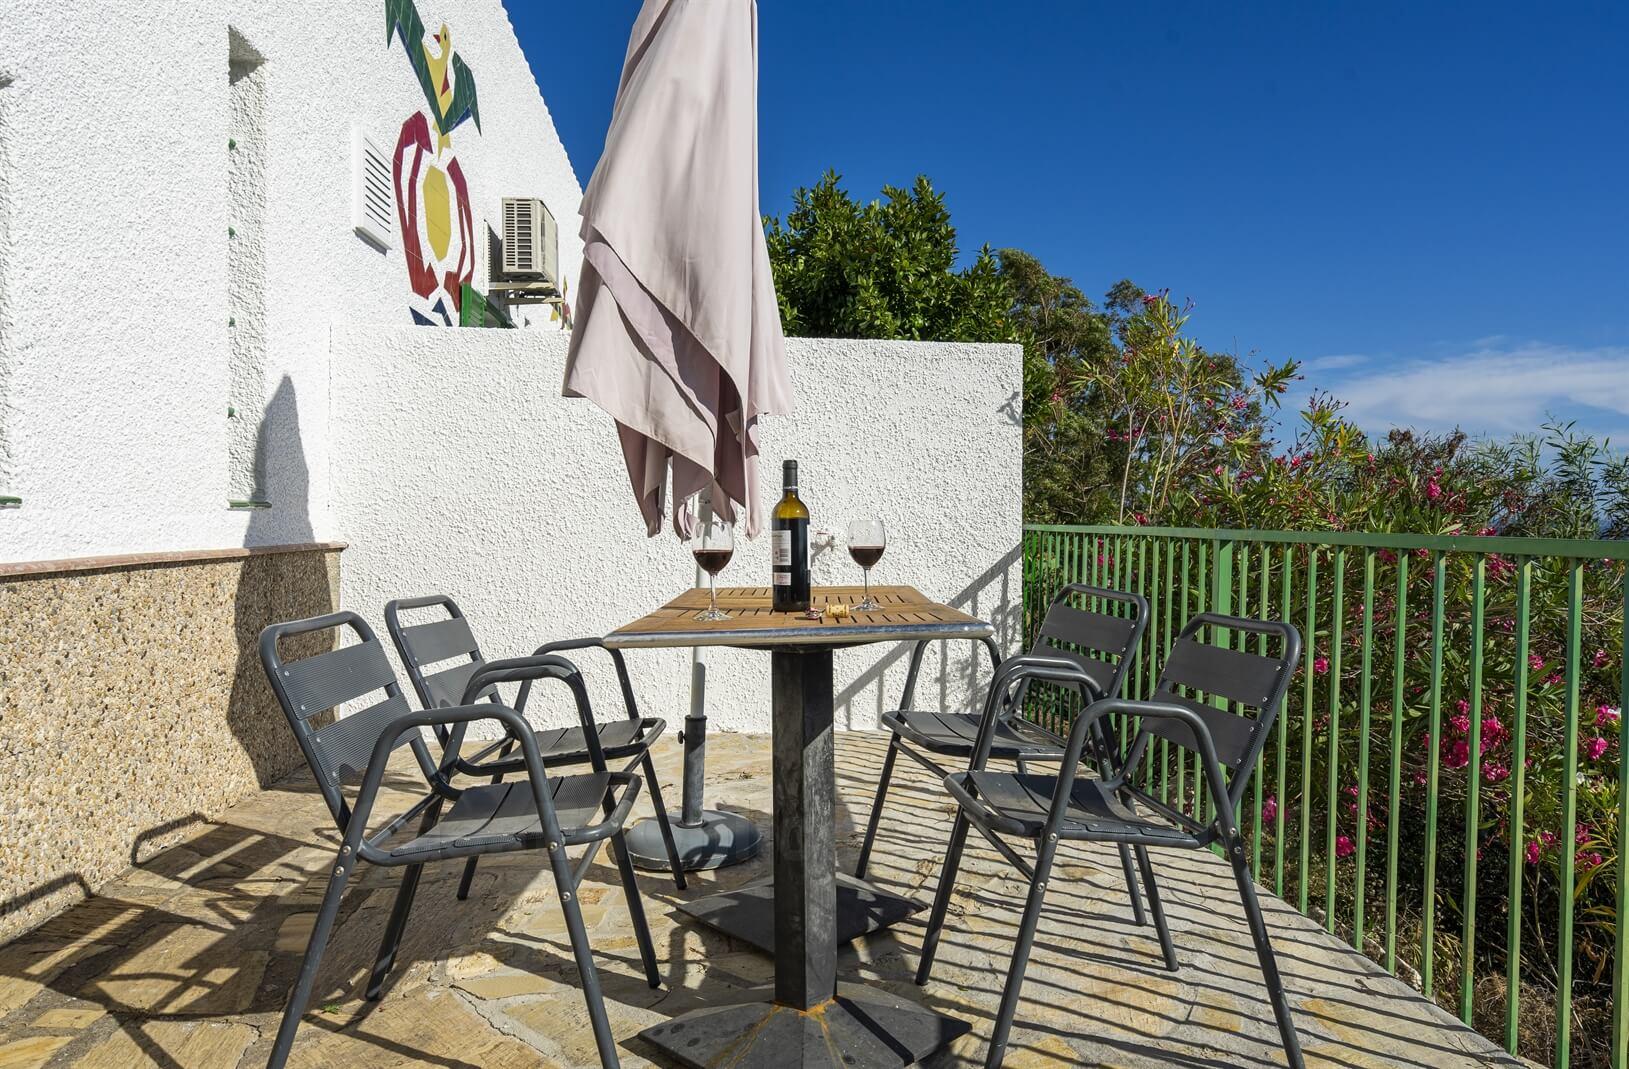 Apartamento Huelva 2020 Terraza Privada, magnificas vistas sobre el mar